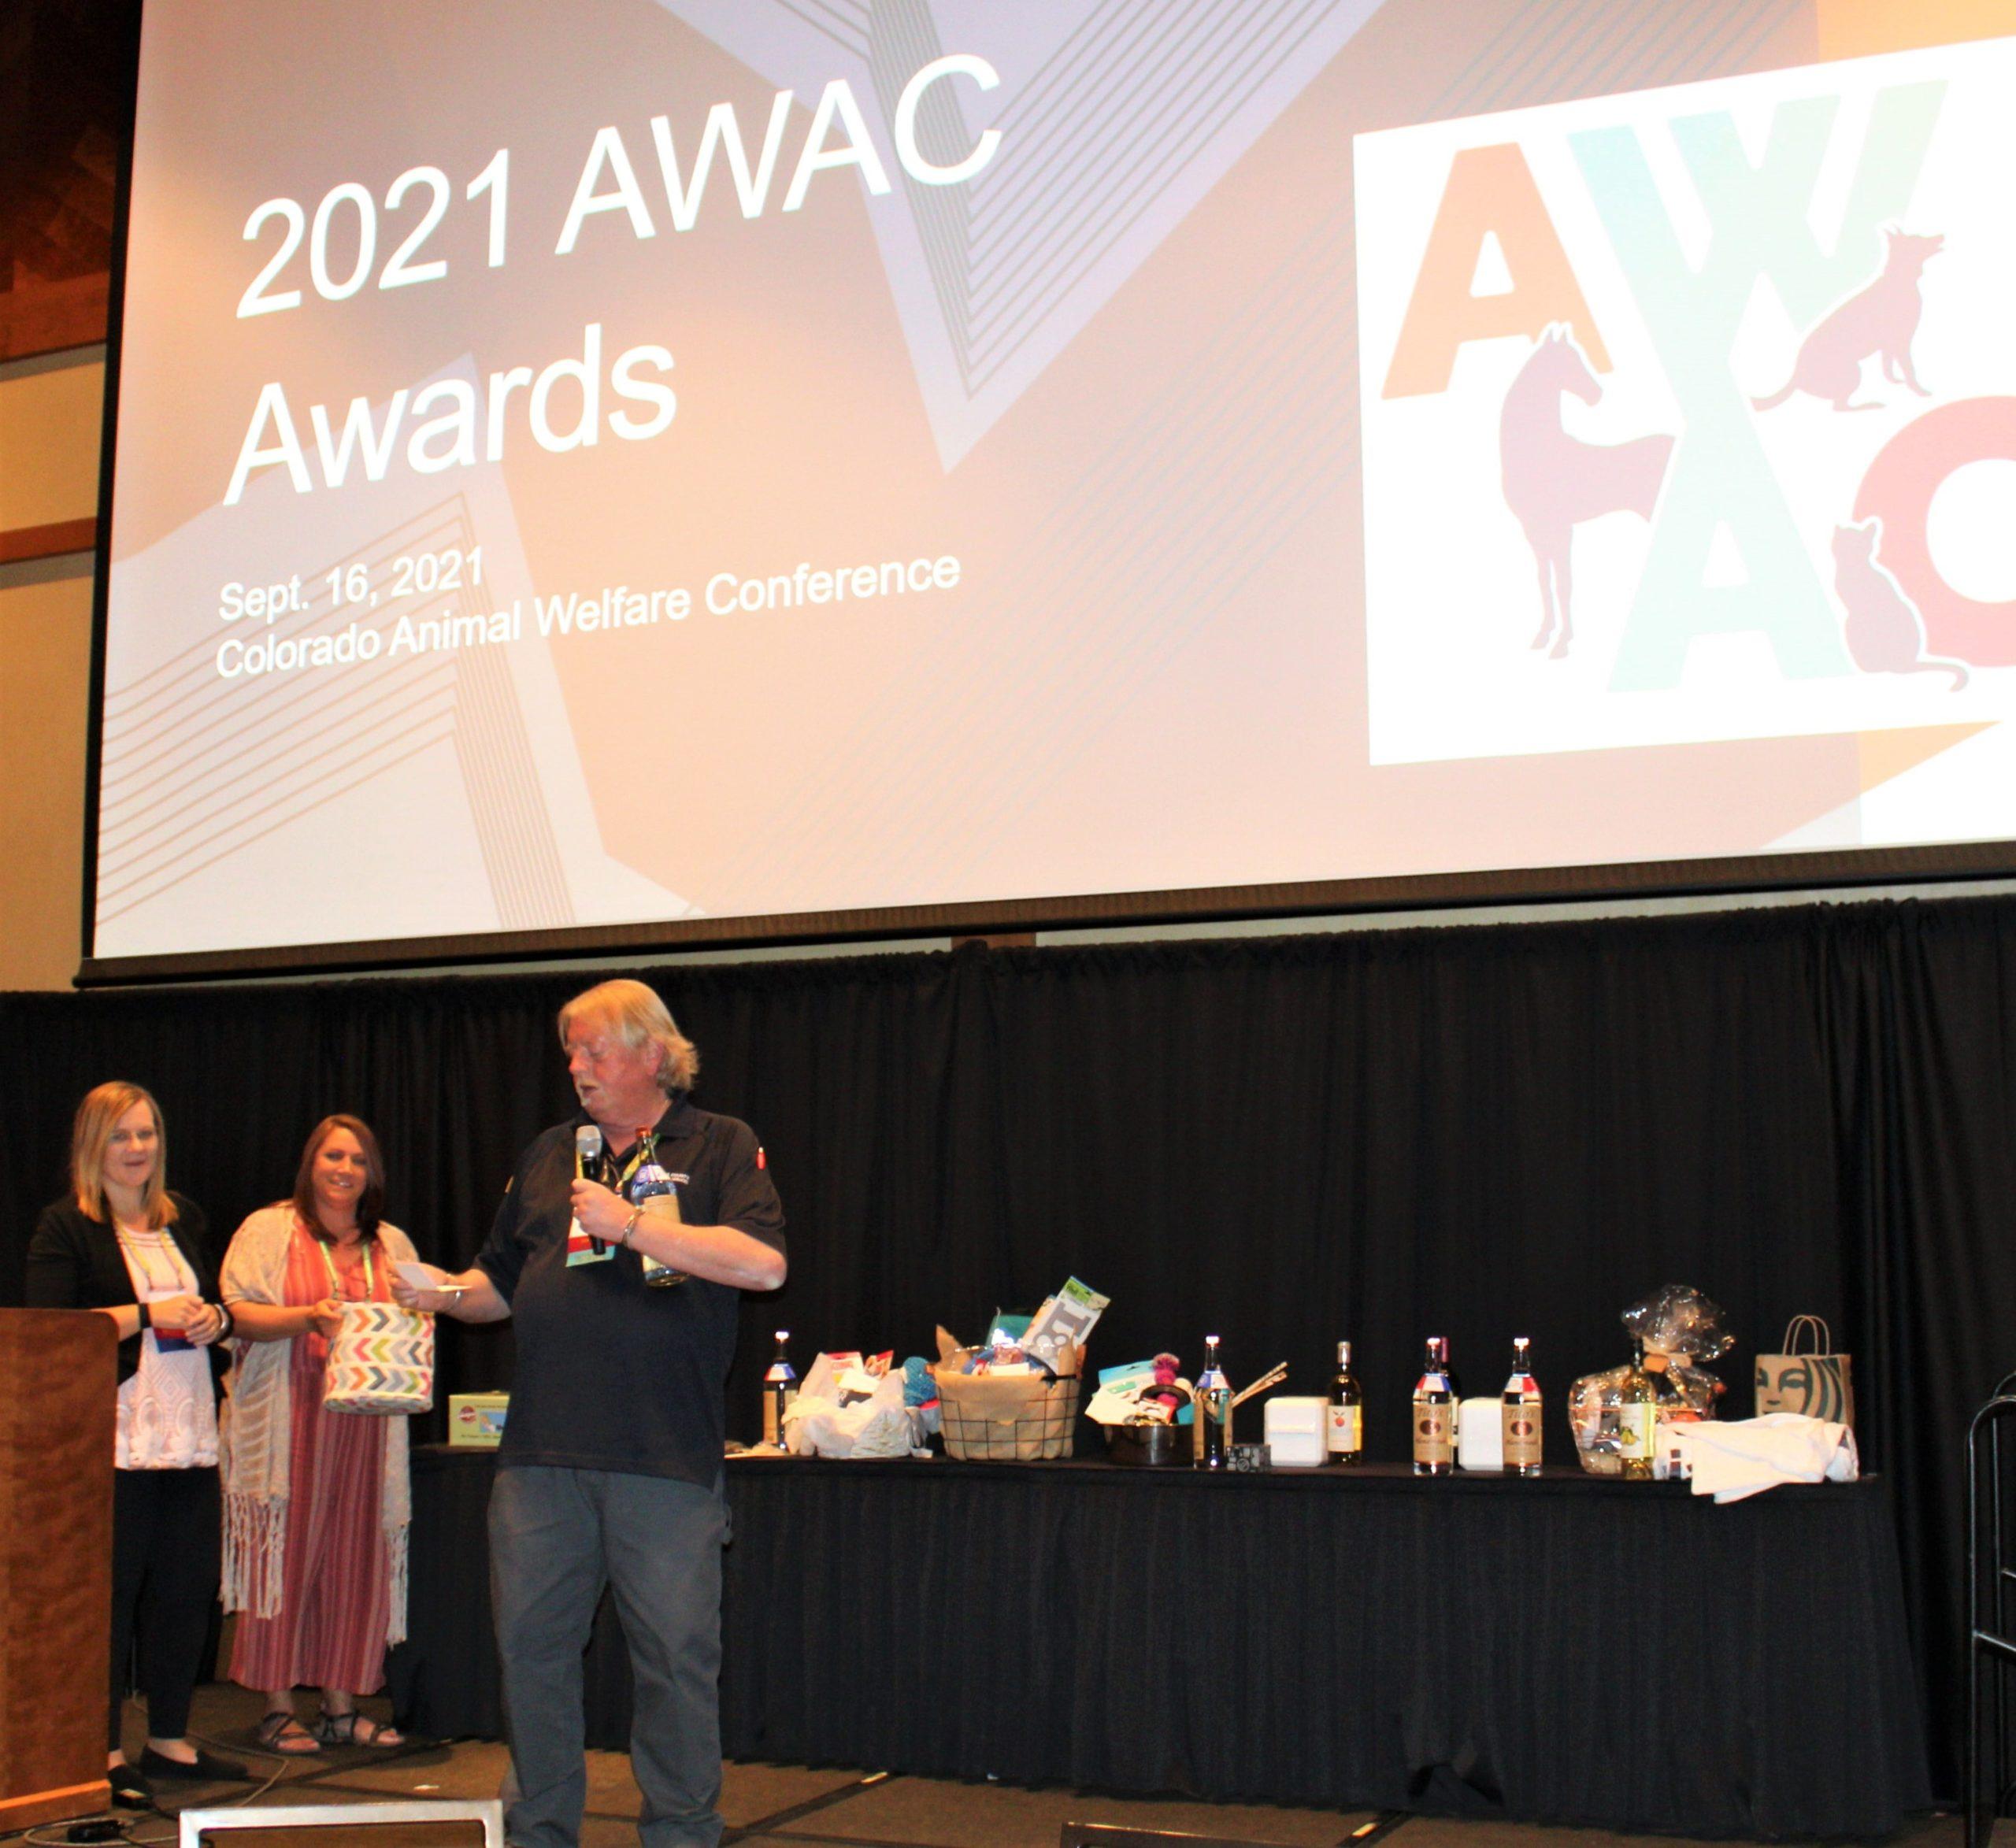 Colorado Animal Welfare Conference